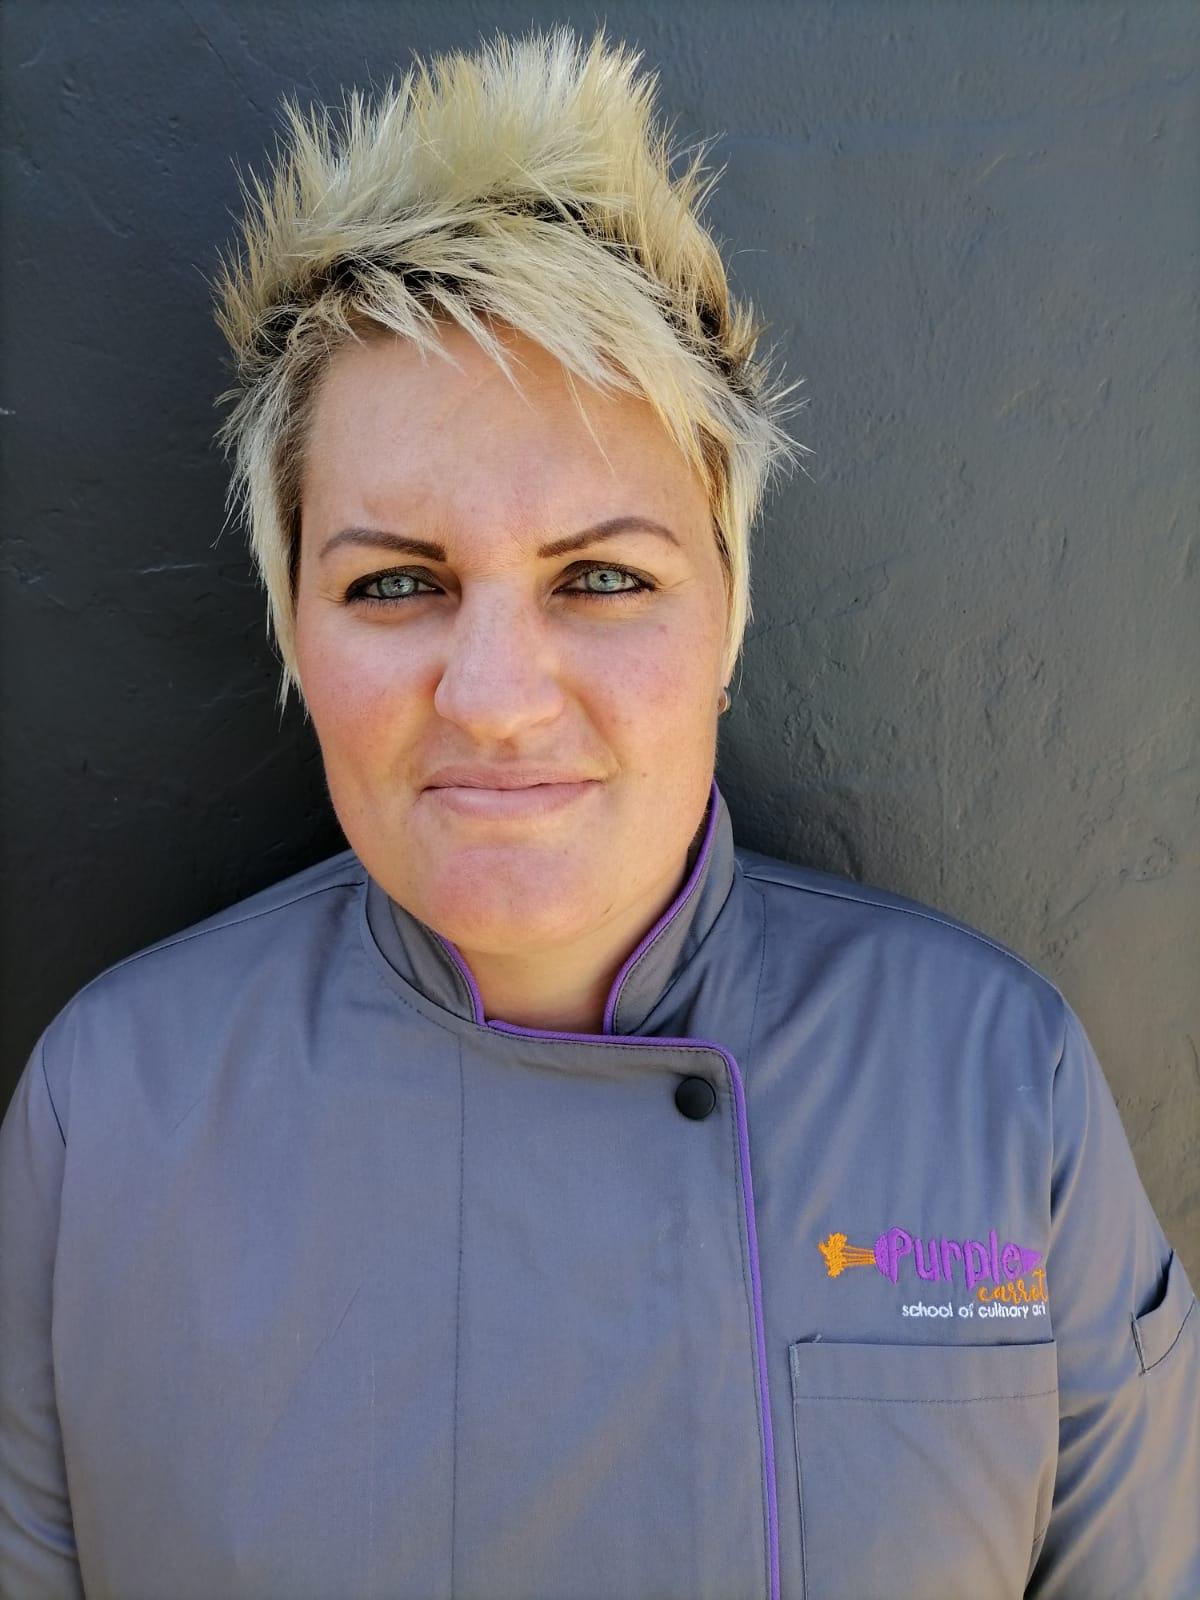 Chef Thea Prinsloo